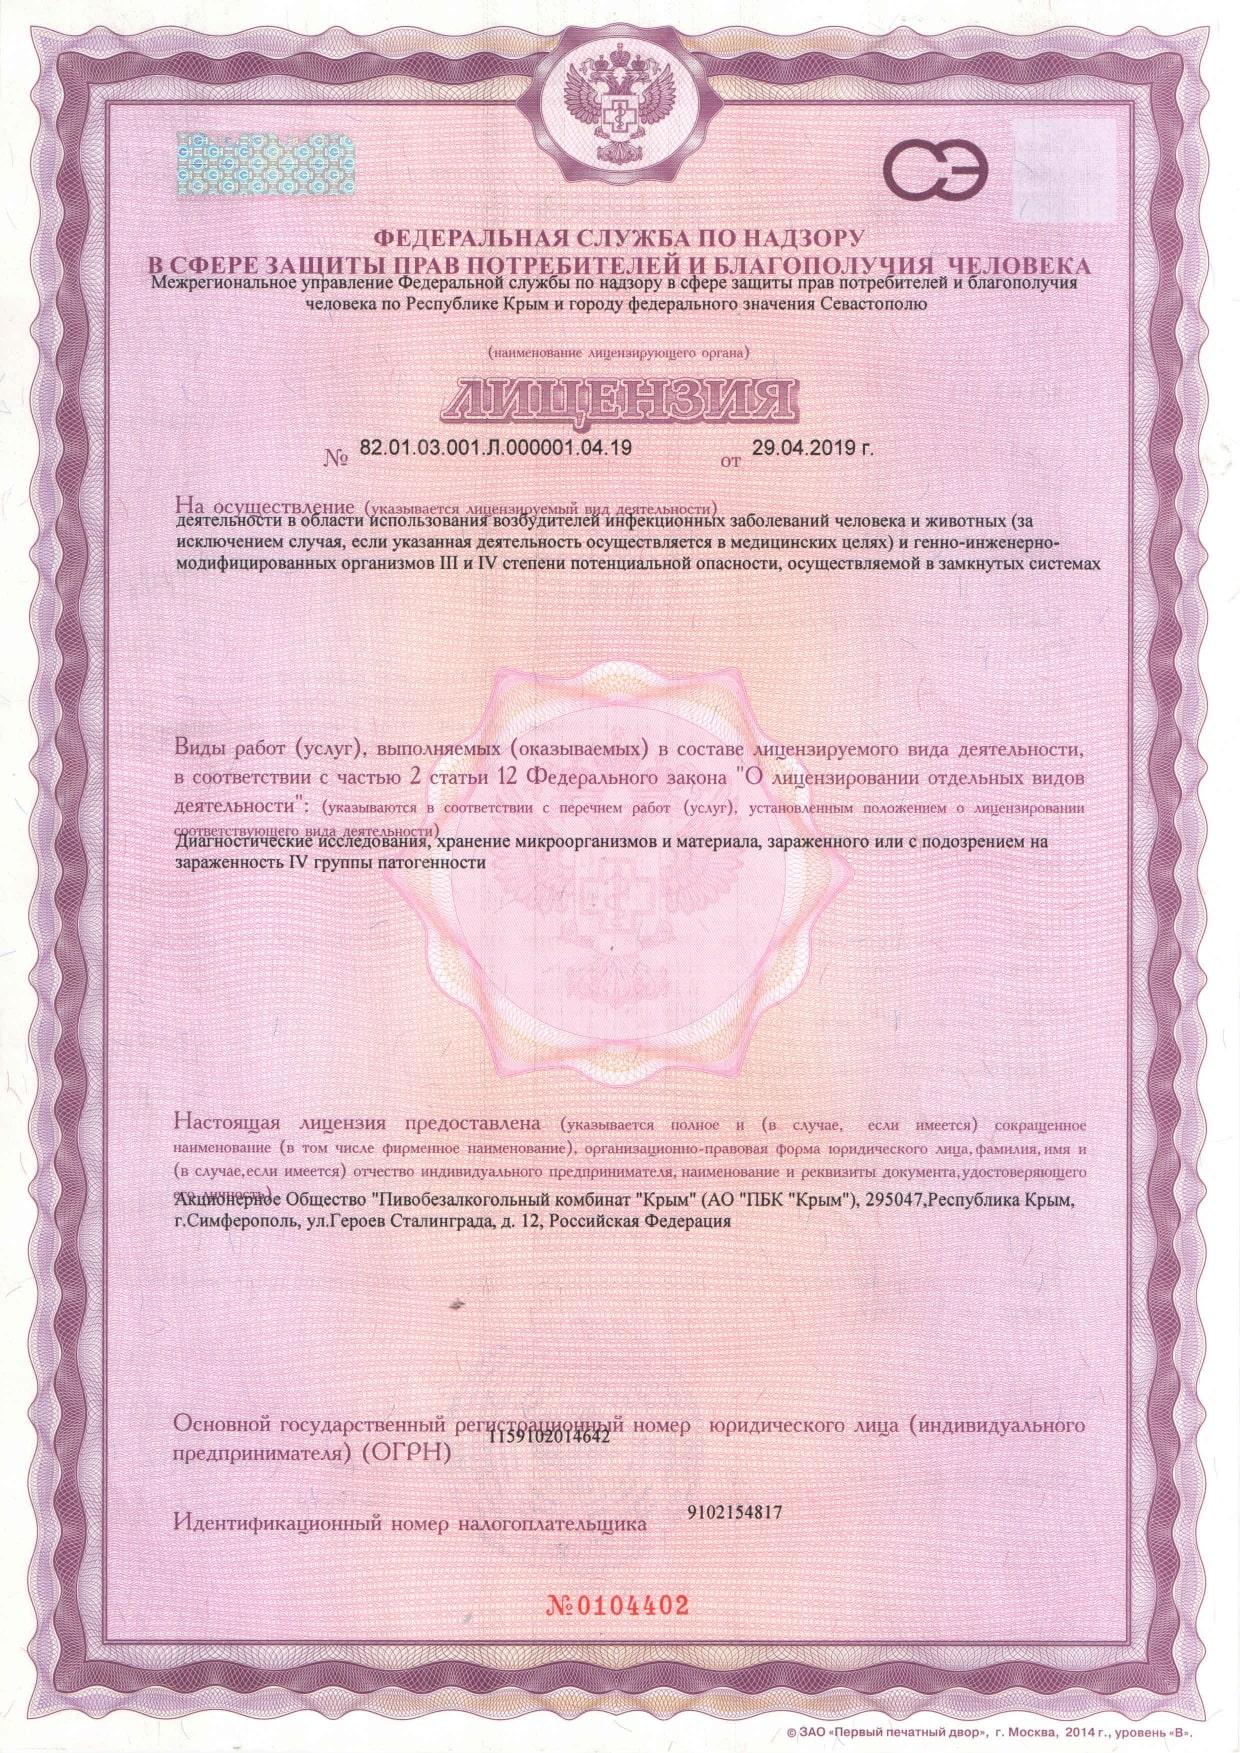 Лицензия Роспотребнадзора по Республике Крым и г. Севастополю